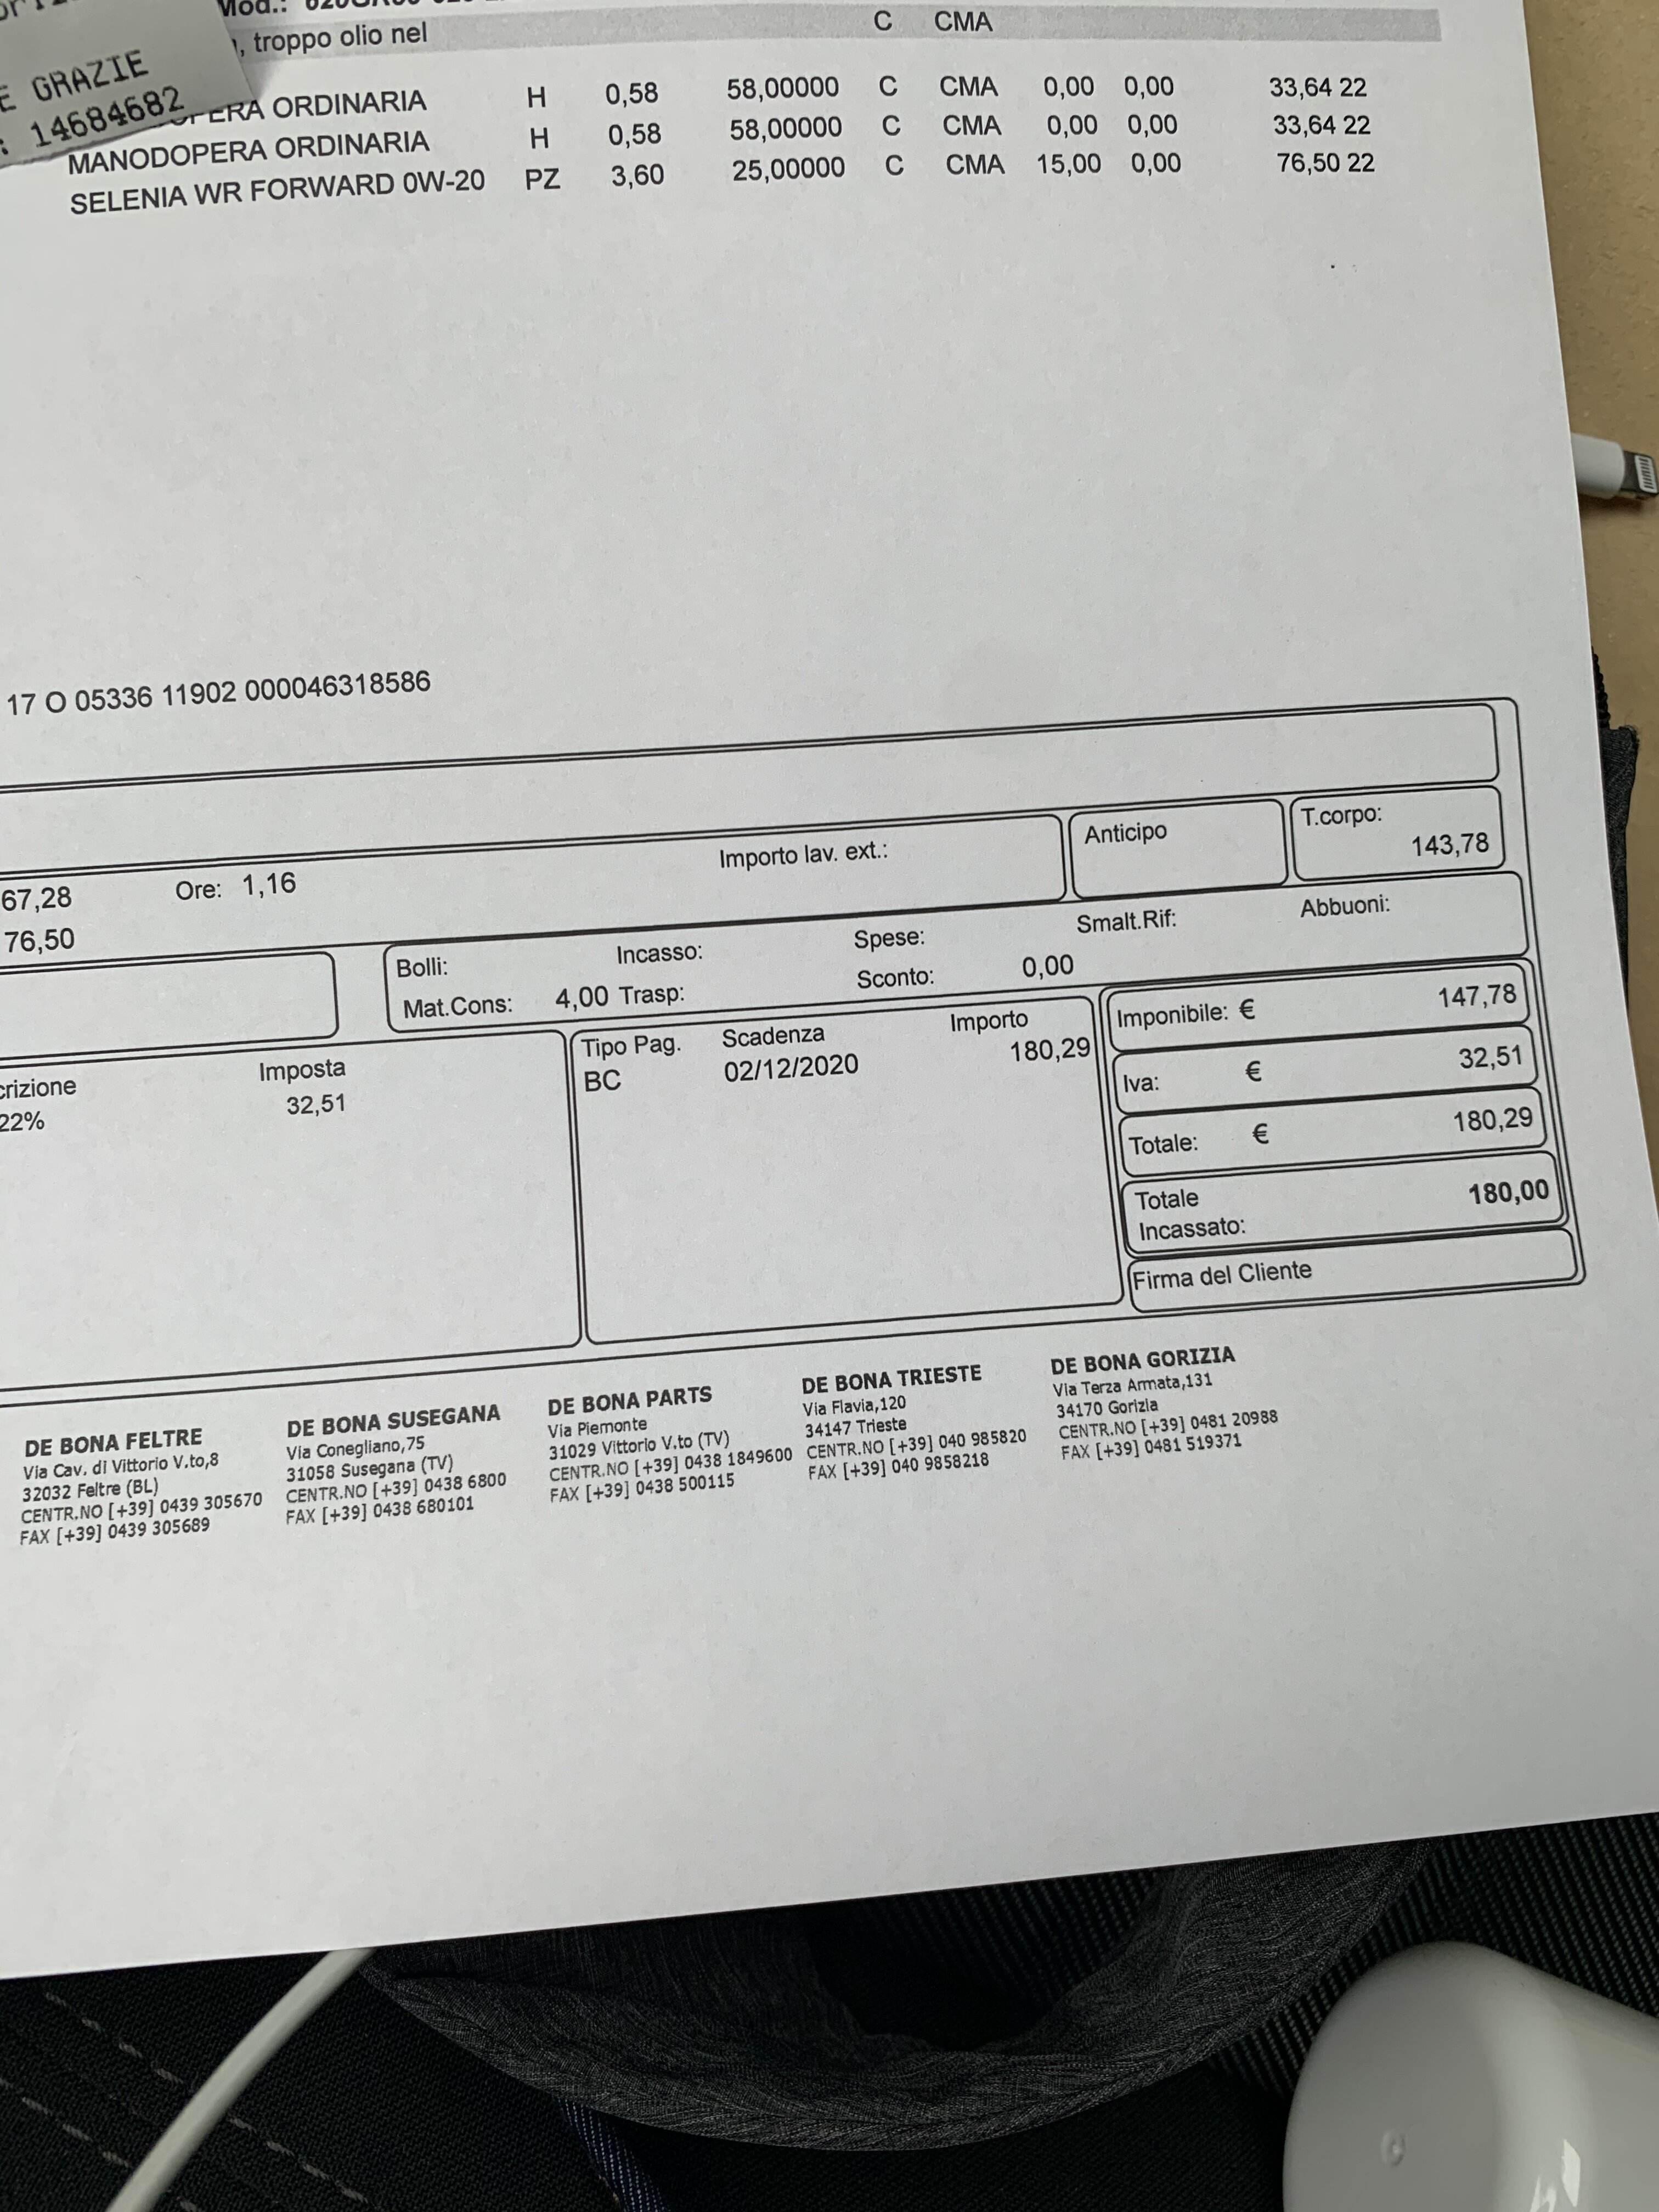 C180A7C3-CA0B-49D0-B69C-0579521D341F.jpeg